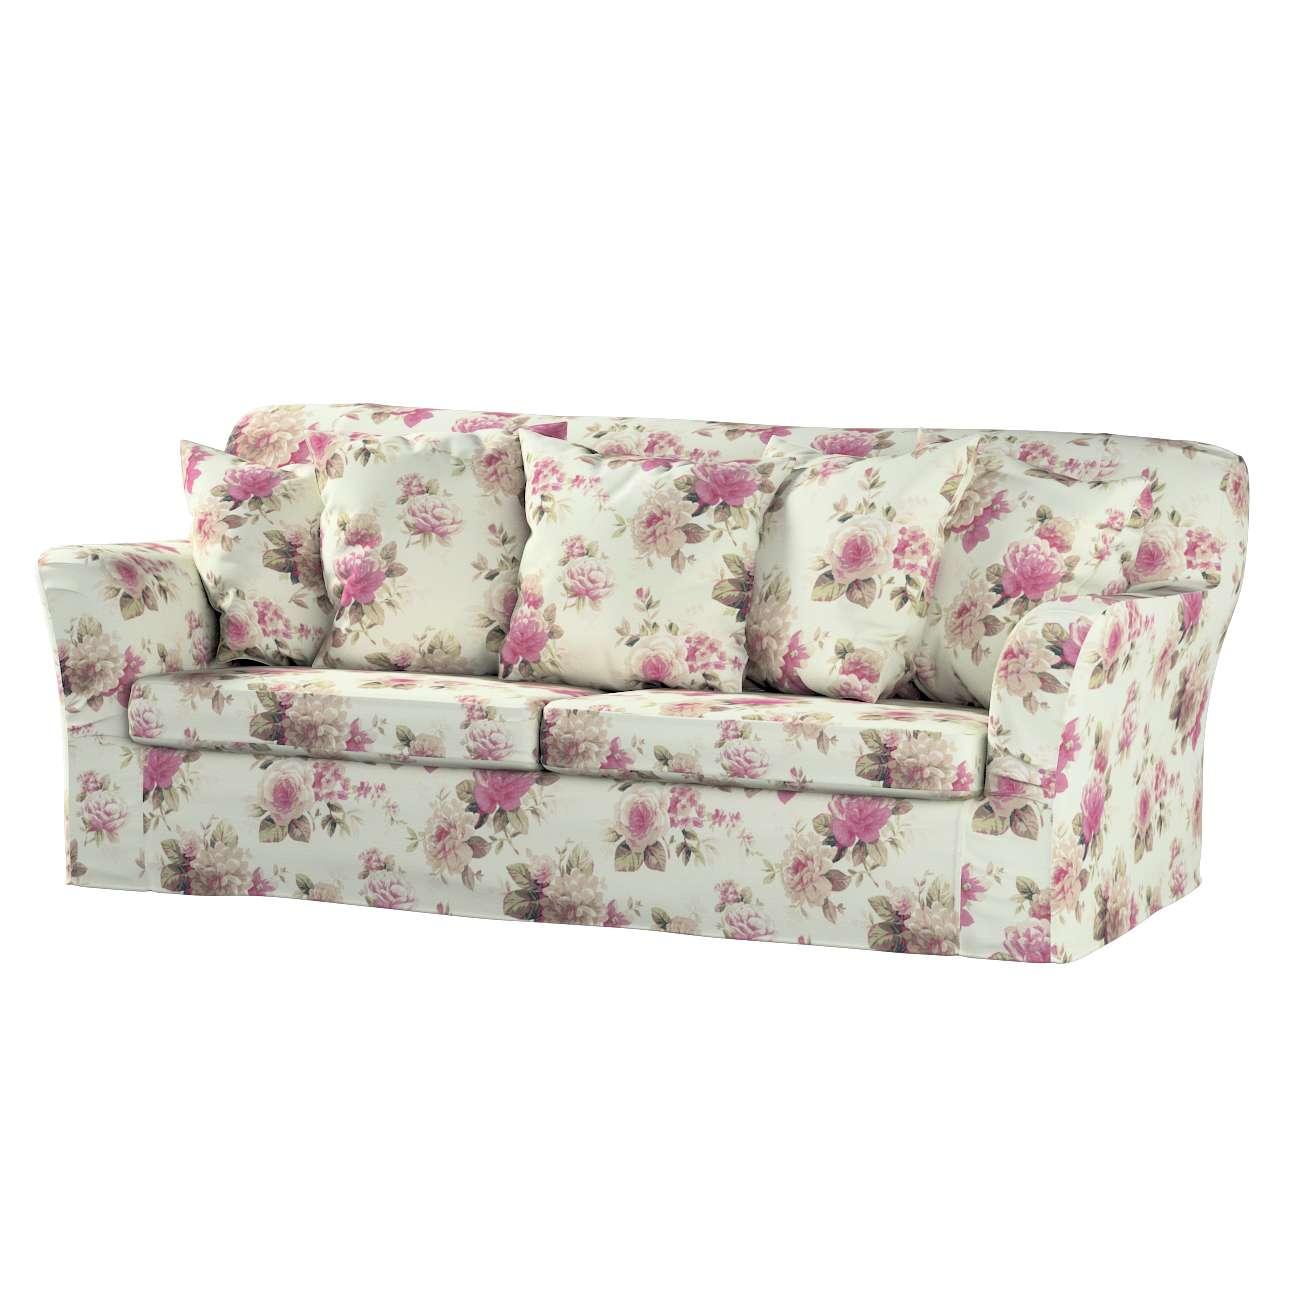 Tomelilla sofa bed cover Tomelilla sofa bed in collection Mirella, fabric: 141-07